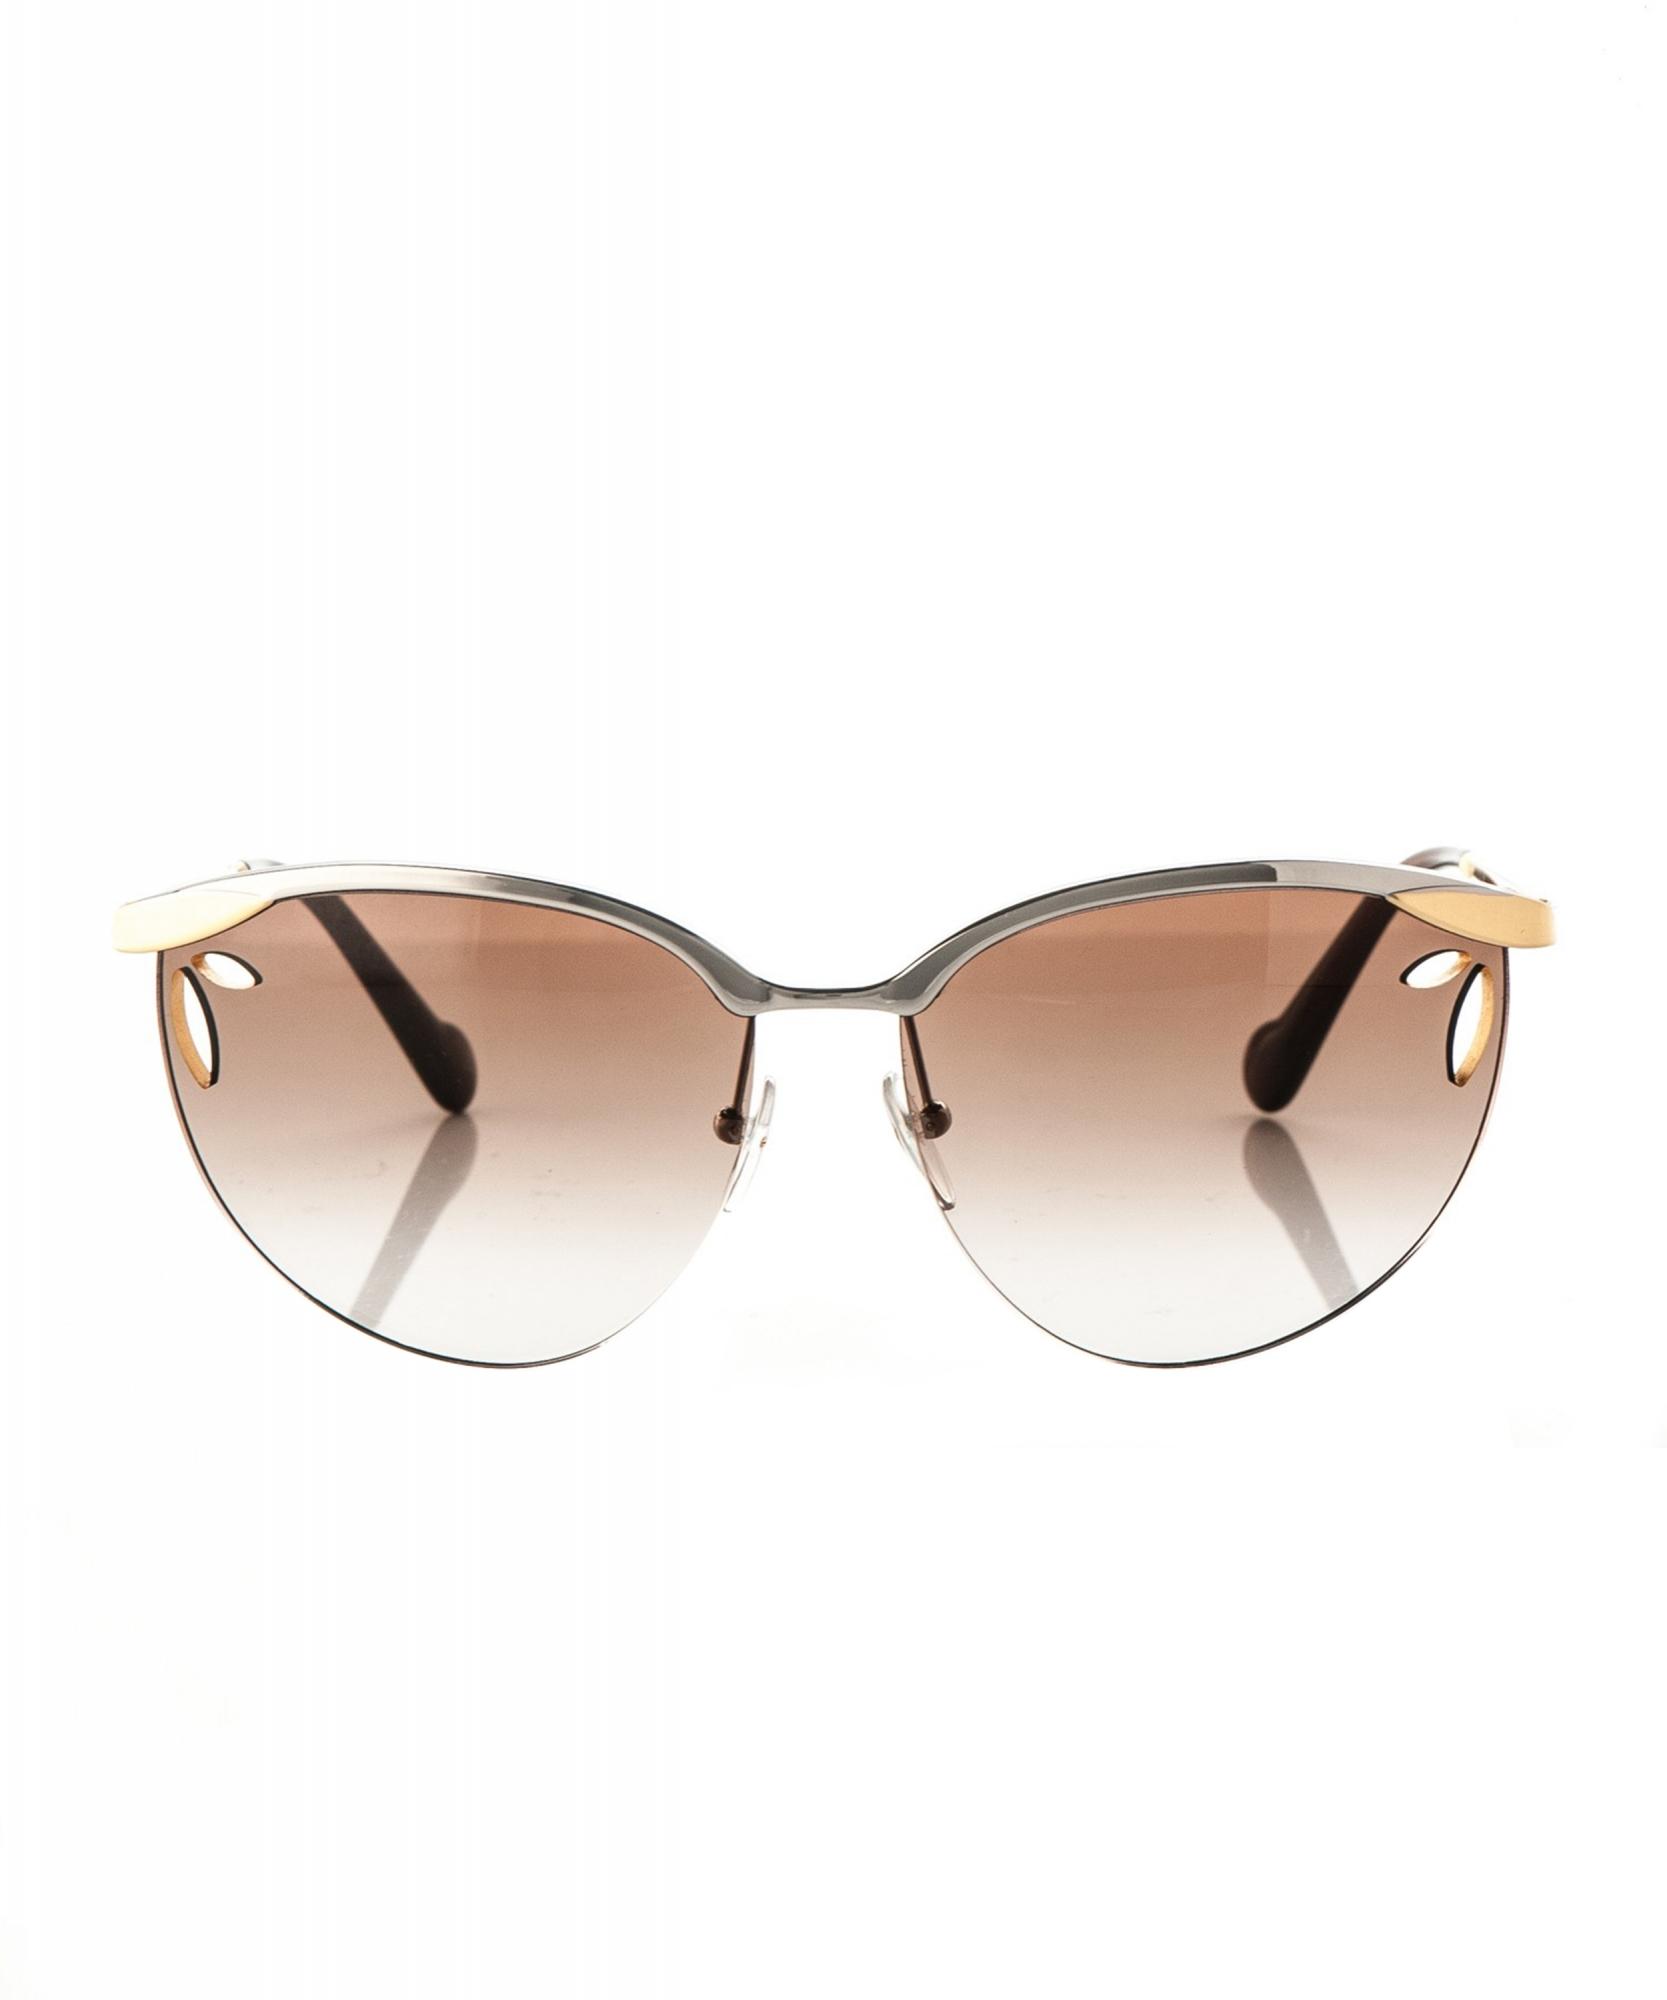 122f5395d4a7 Louis Vuitton Lila Pilot Sunglasses